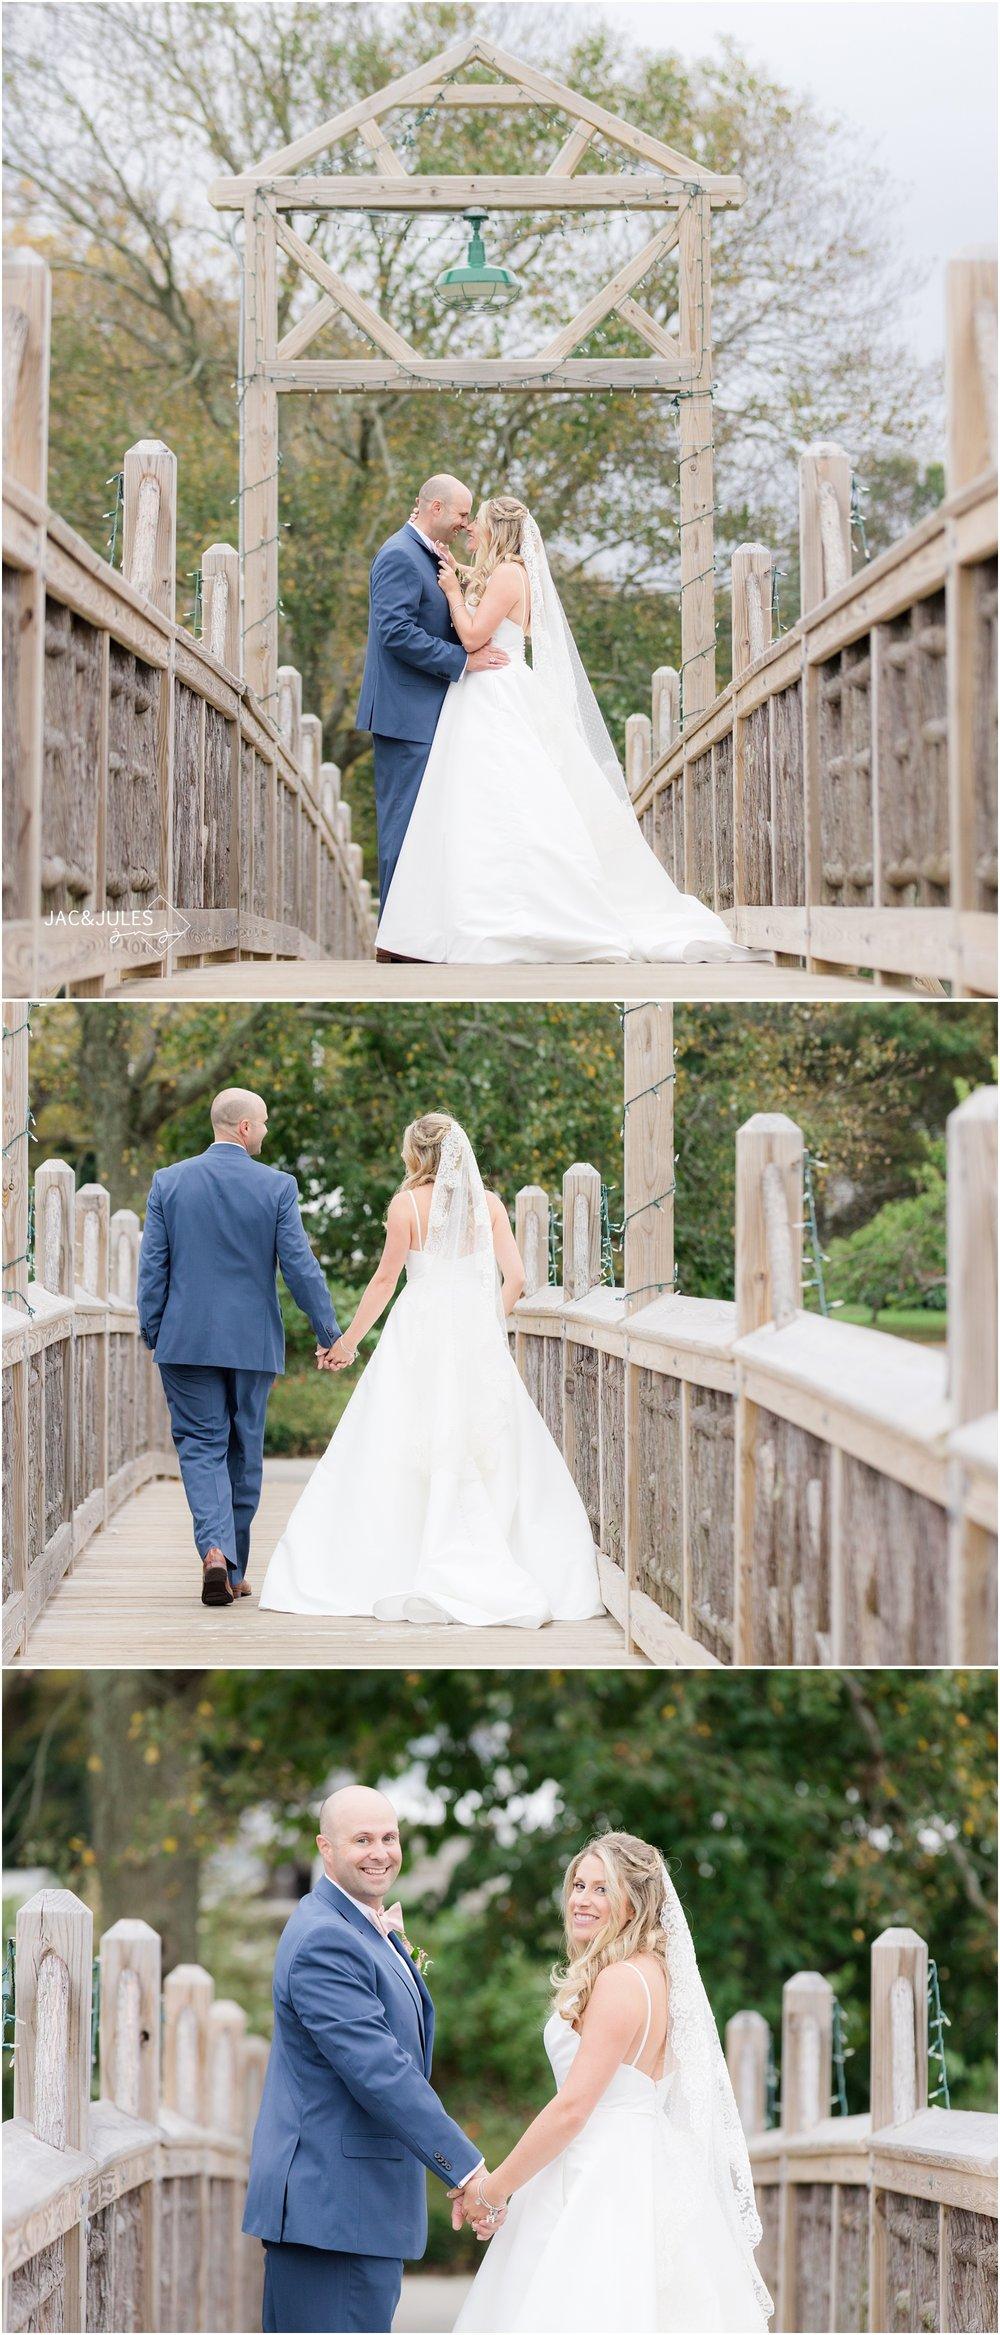 Bride and groom on the bridge in Devine Park in Spring Lake, NJ.